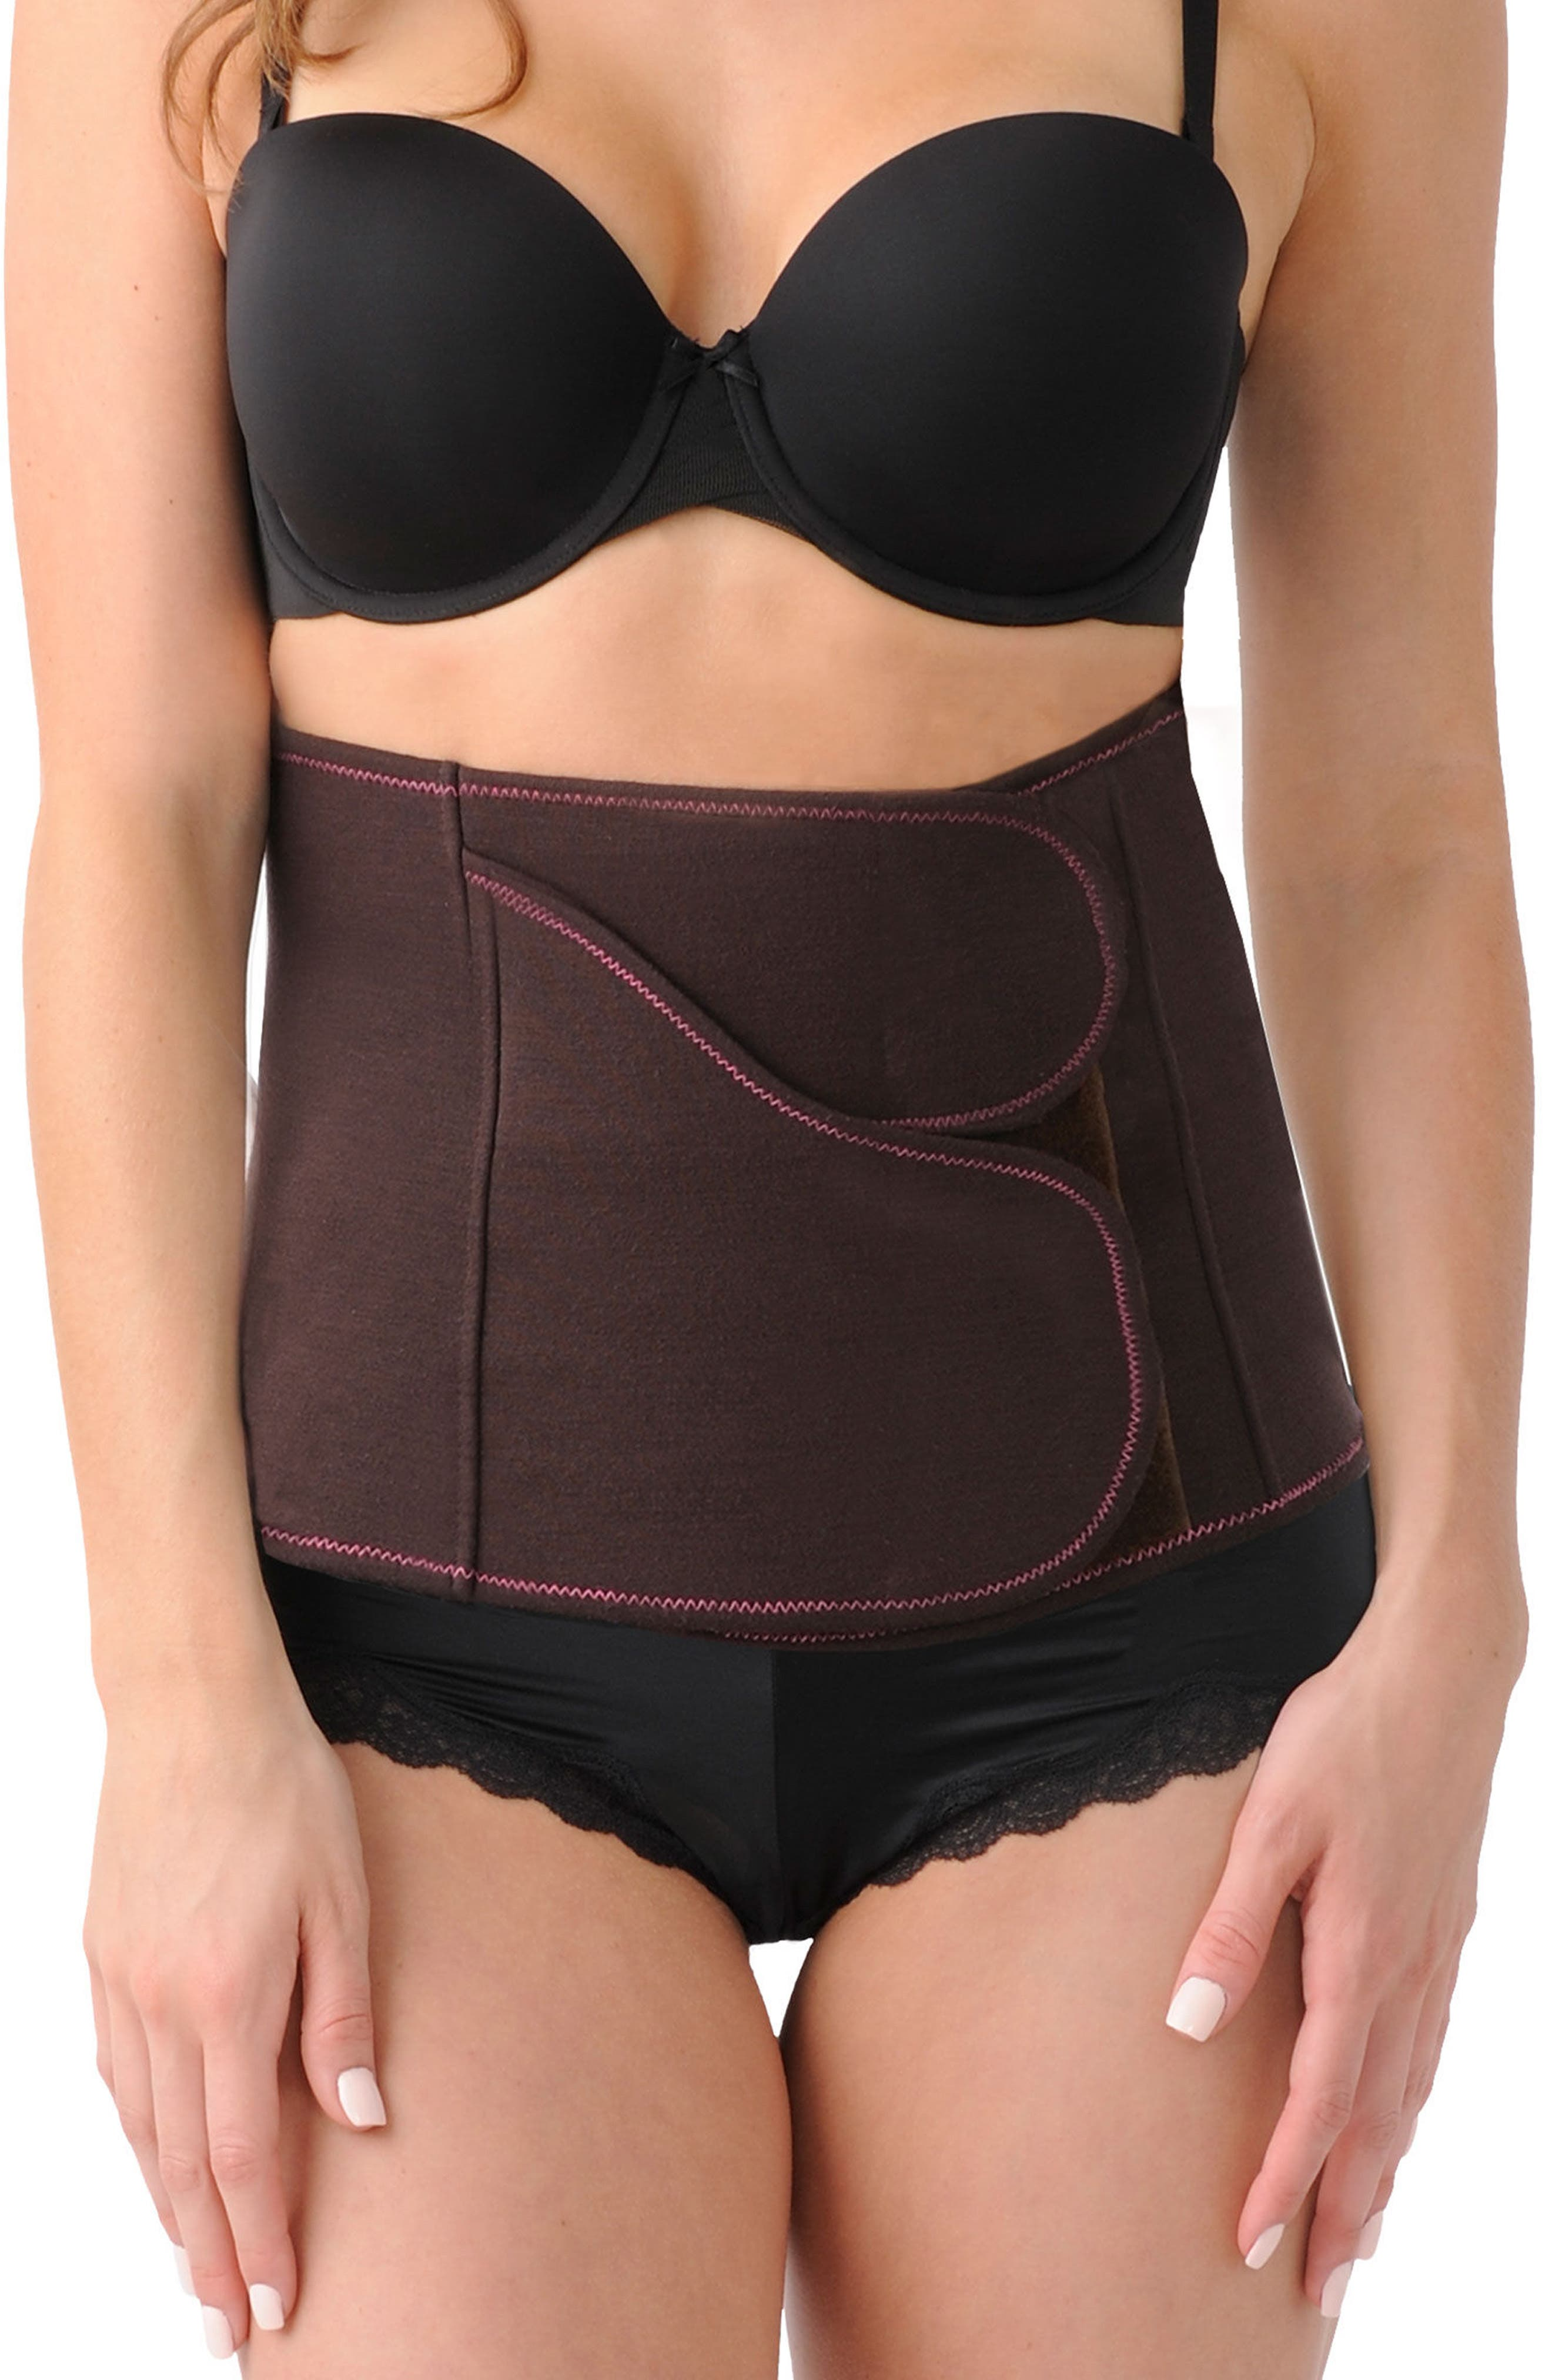 Women's Belly Bandit B.f.f. Premier Post-Pregnancy Belly Wrap